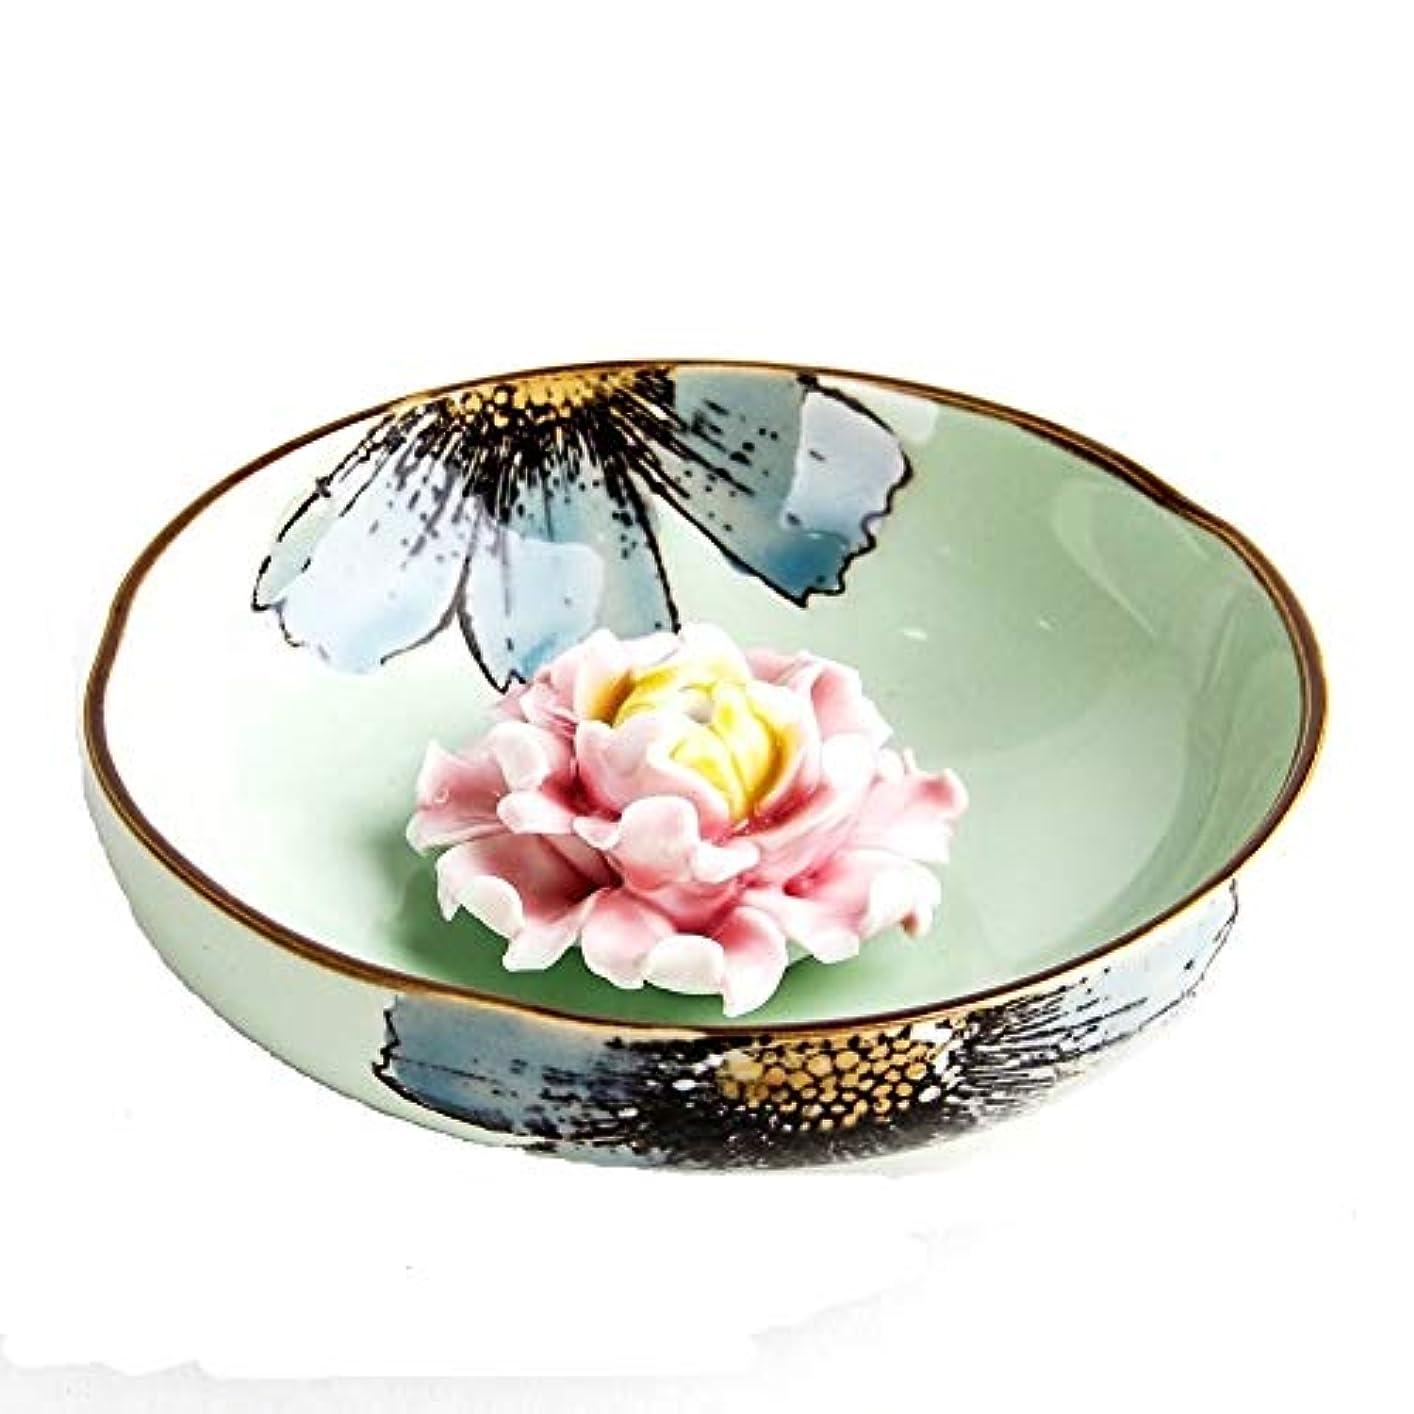 増強する純粋に学ぶお香立て お香たて 香の器 お香を焚いて 香皿,陶磁器、グリーン - レッド